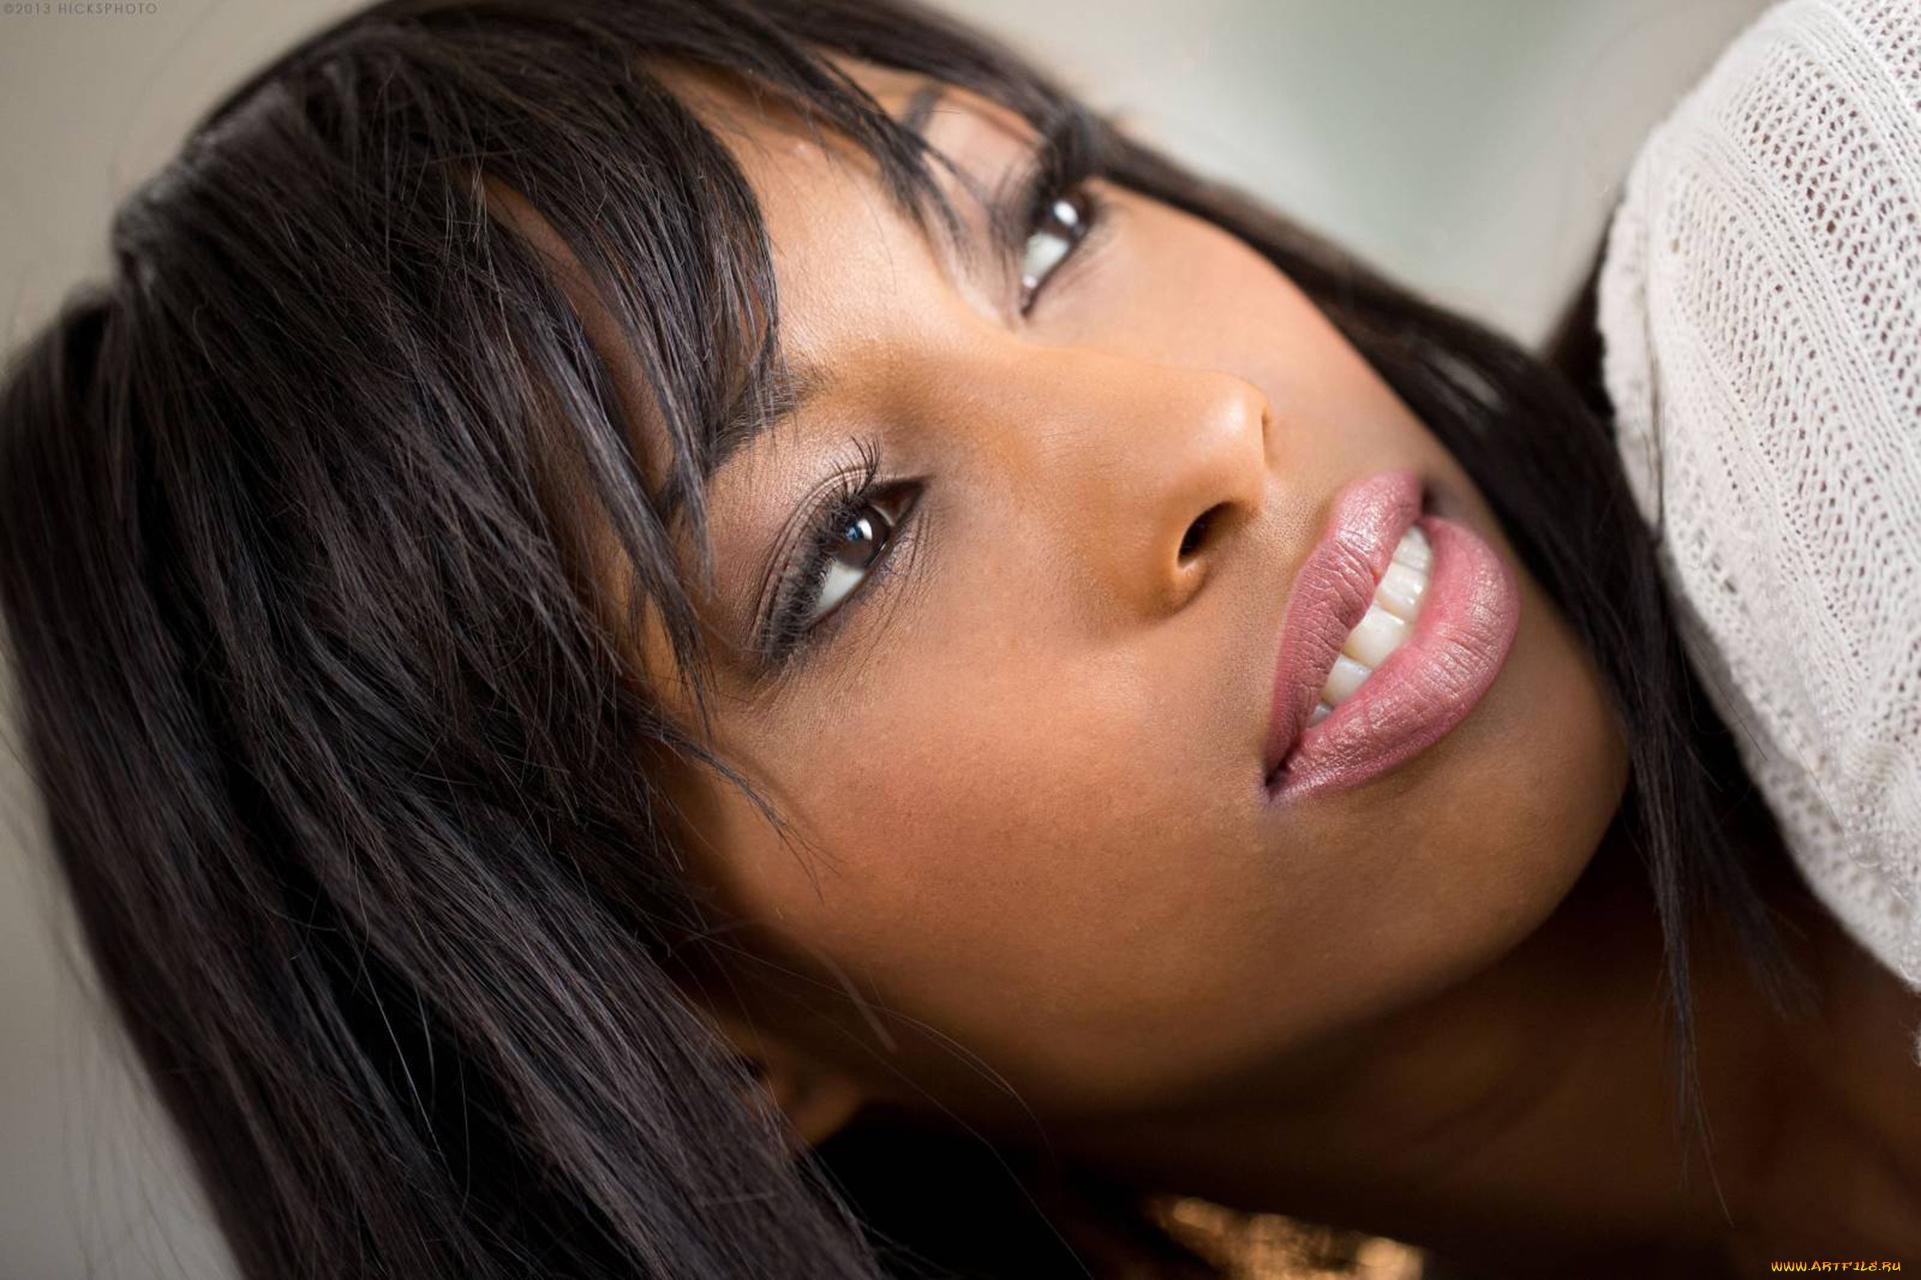 Ebony hottie Adriana Malao drains her man's dick in a hardcore bang  1366243